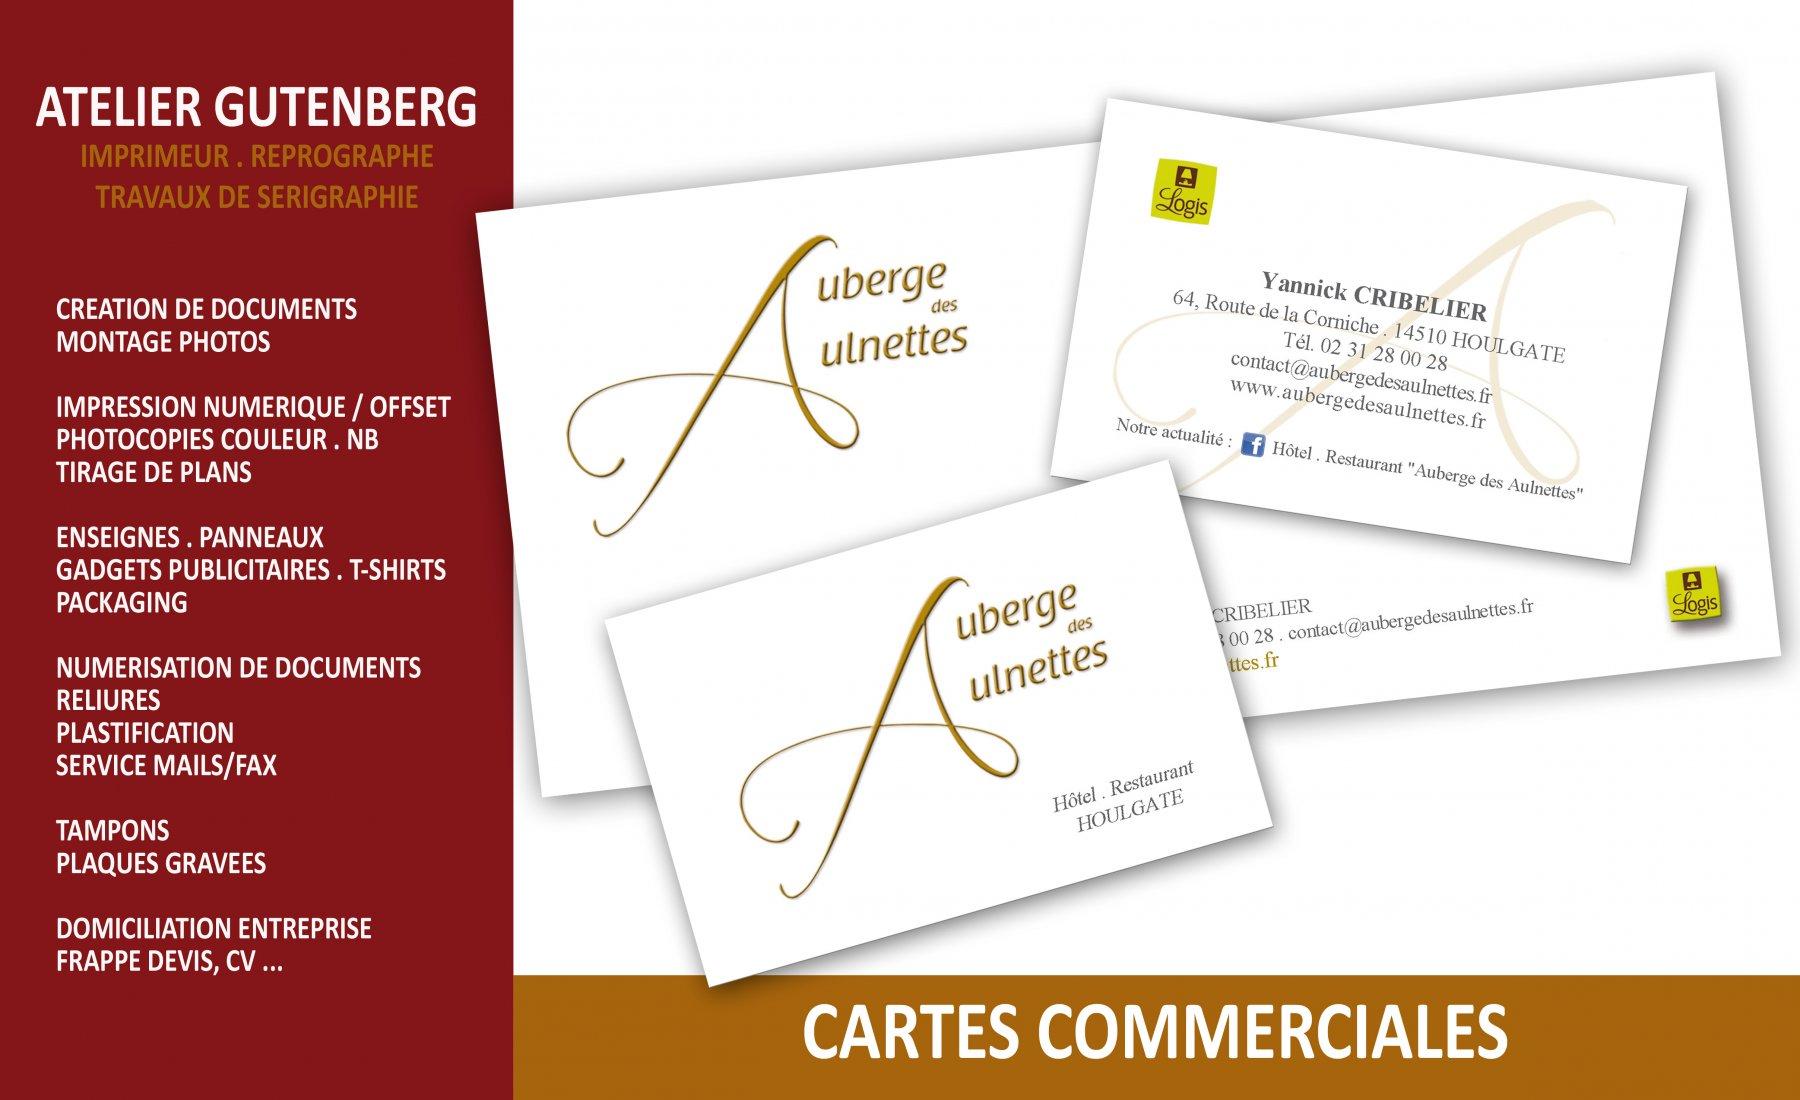 atelier gutenberg cartes de correspondance et cartes commerciales de l'auberge des aulnettes